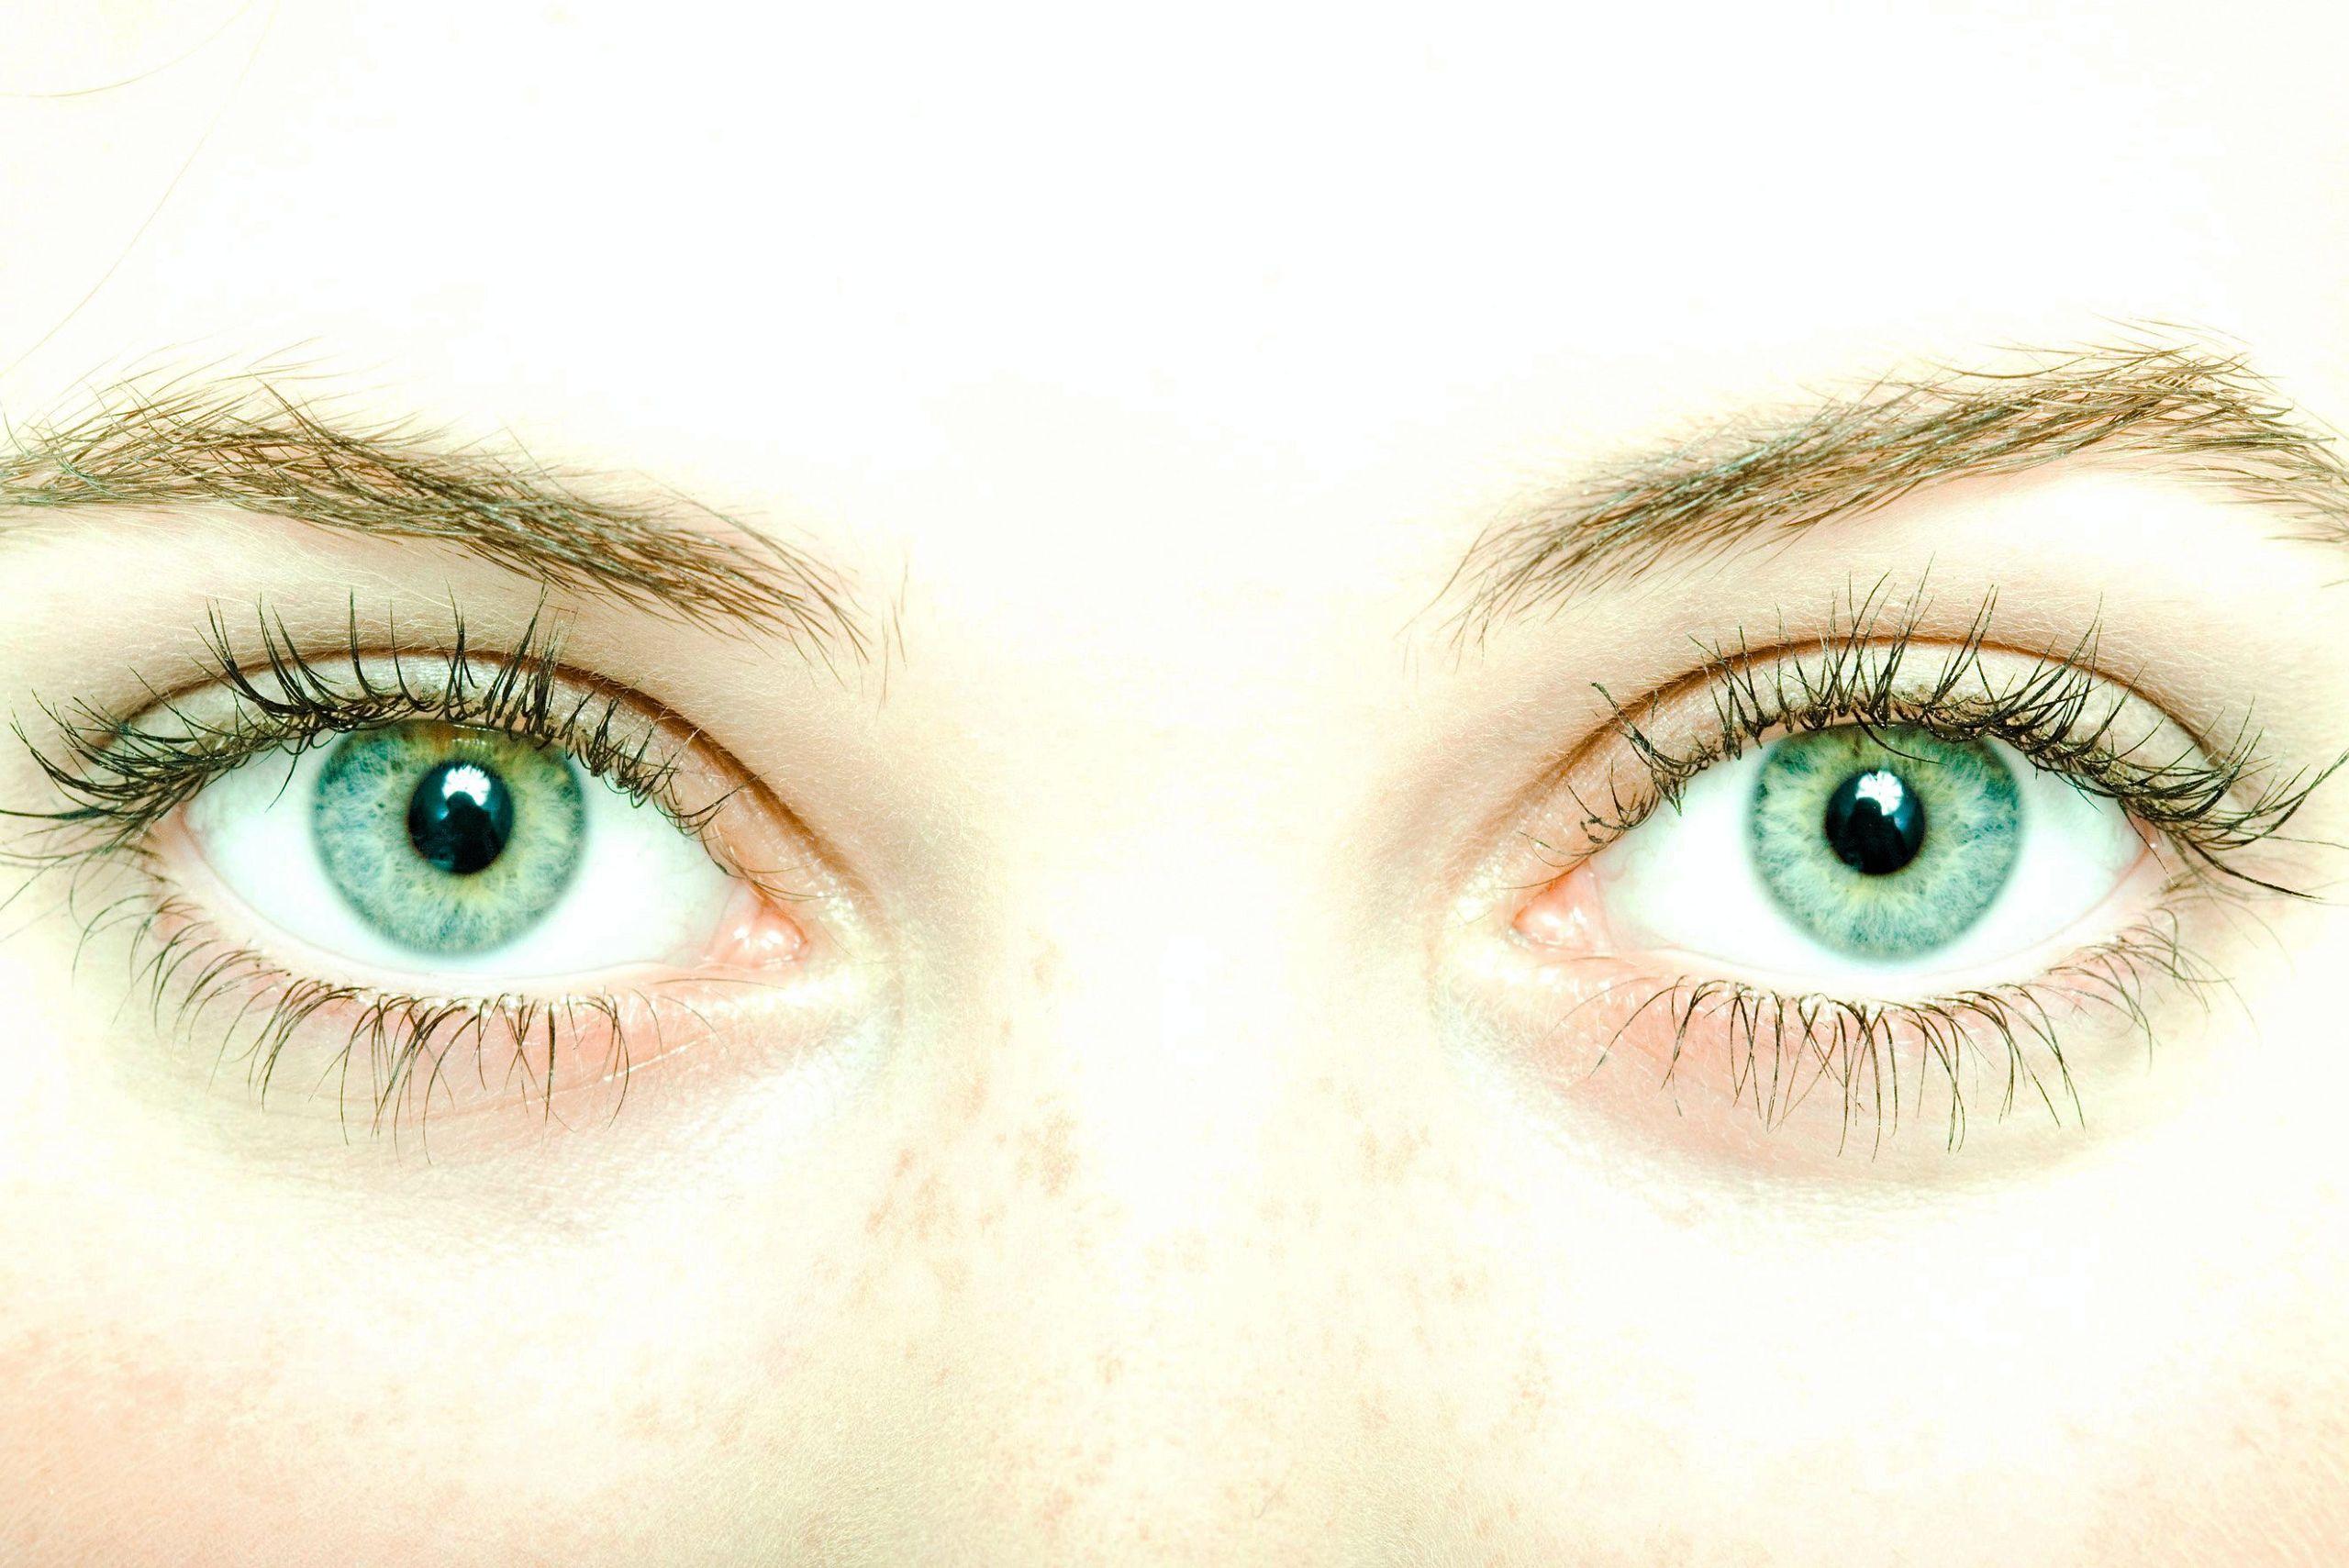 lysfølsomme øjne